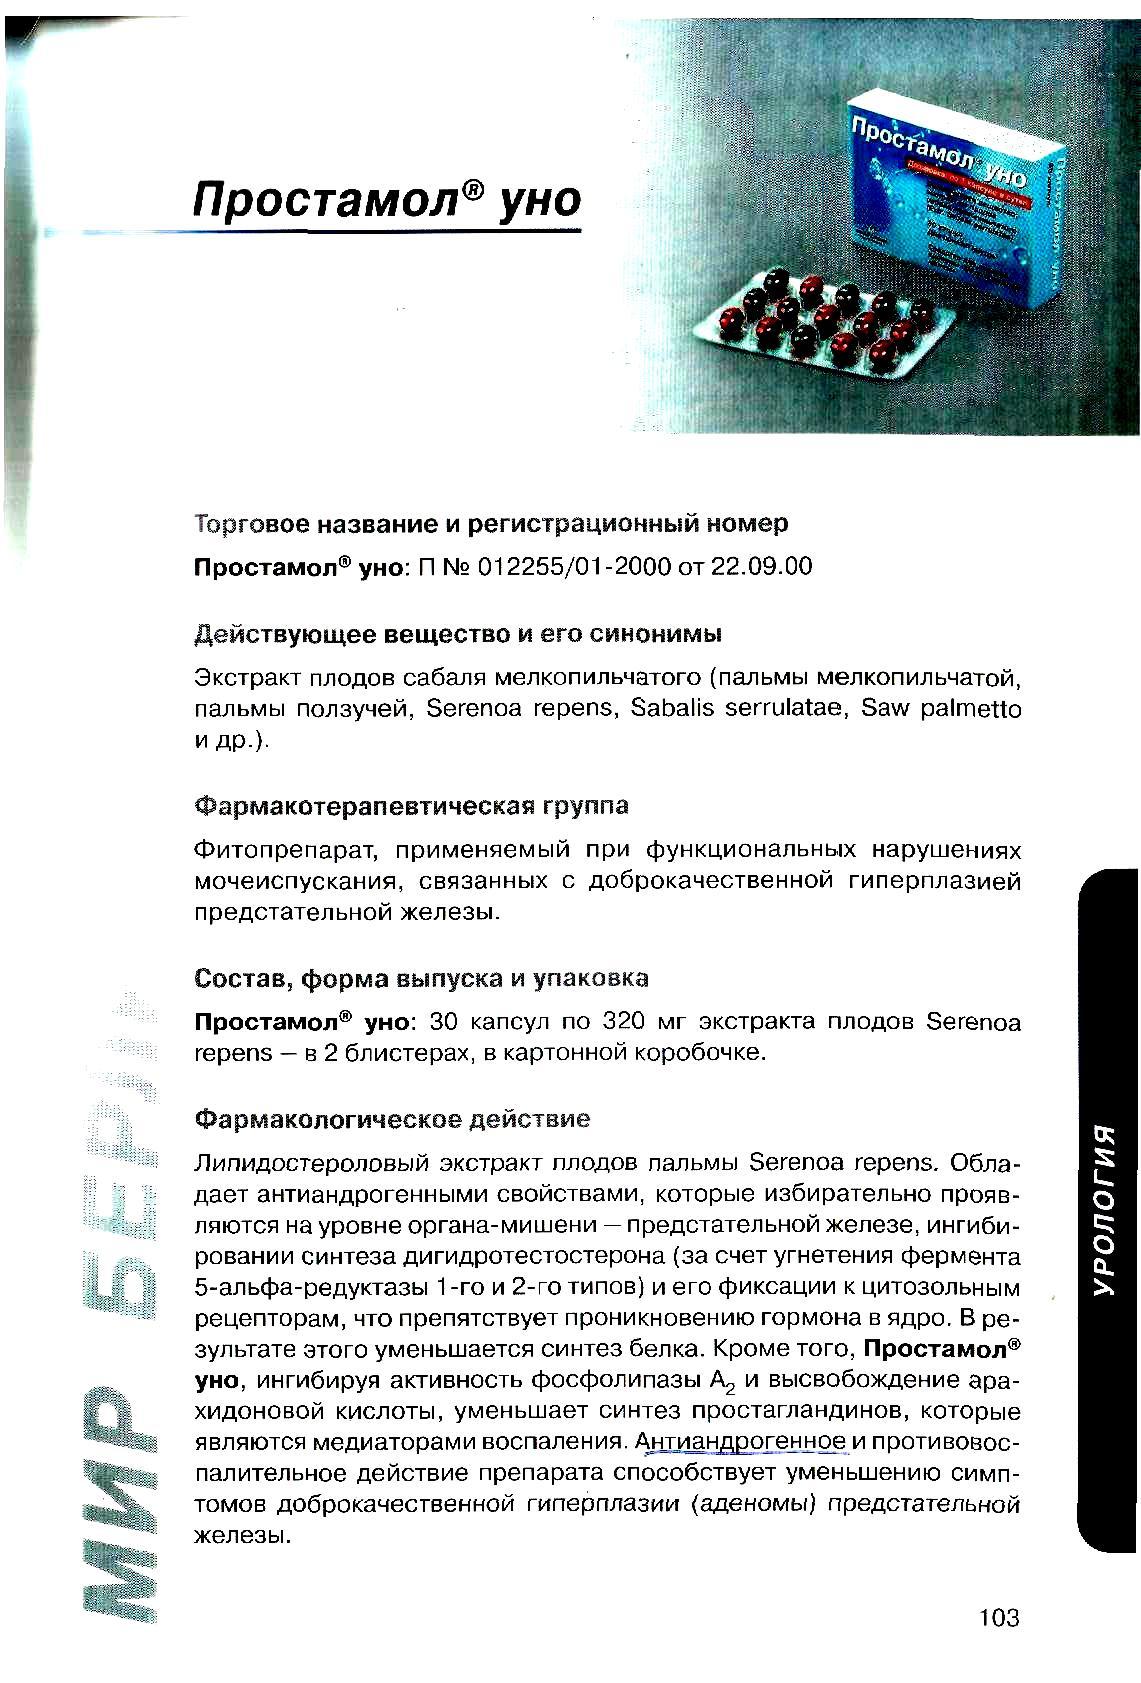 Фирменное описание препарата